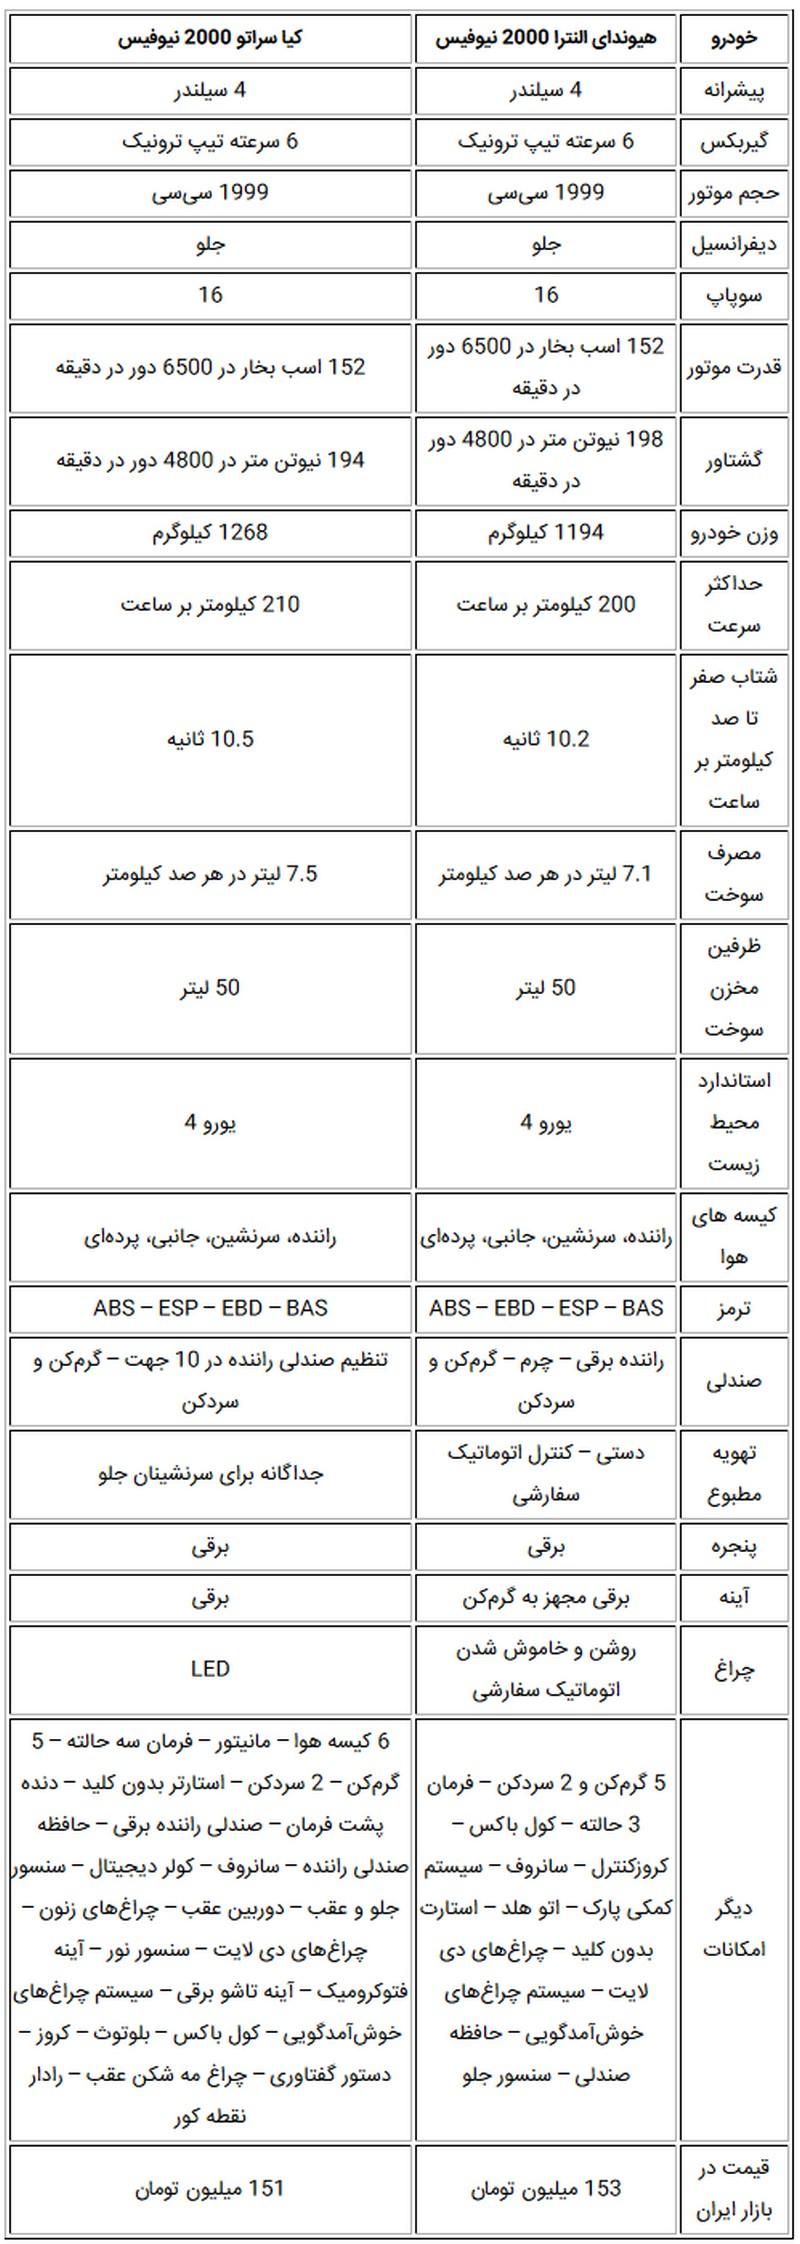 مقایسه دو سدان محبوب 150 میلیونی در بازار ایران